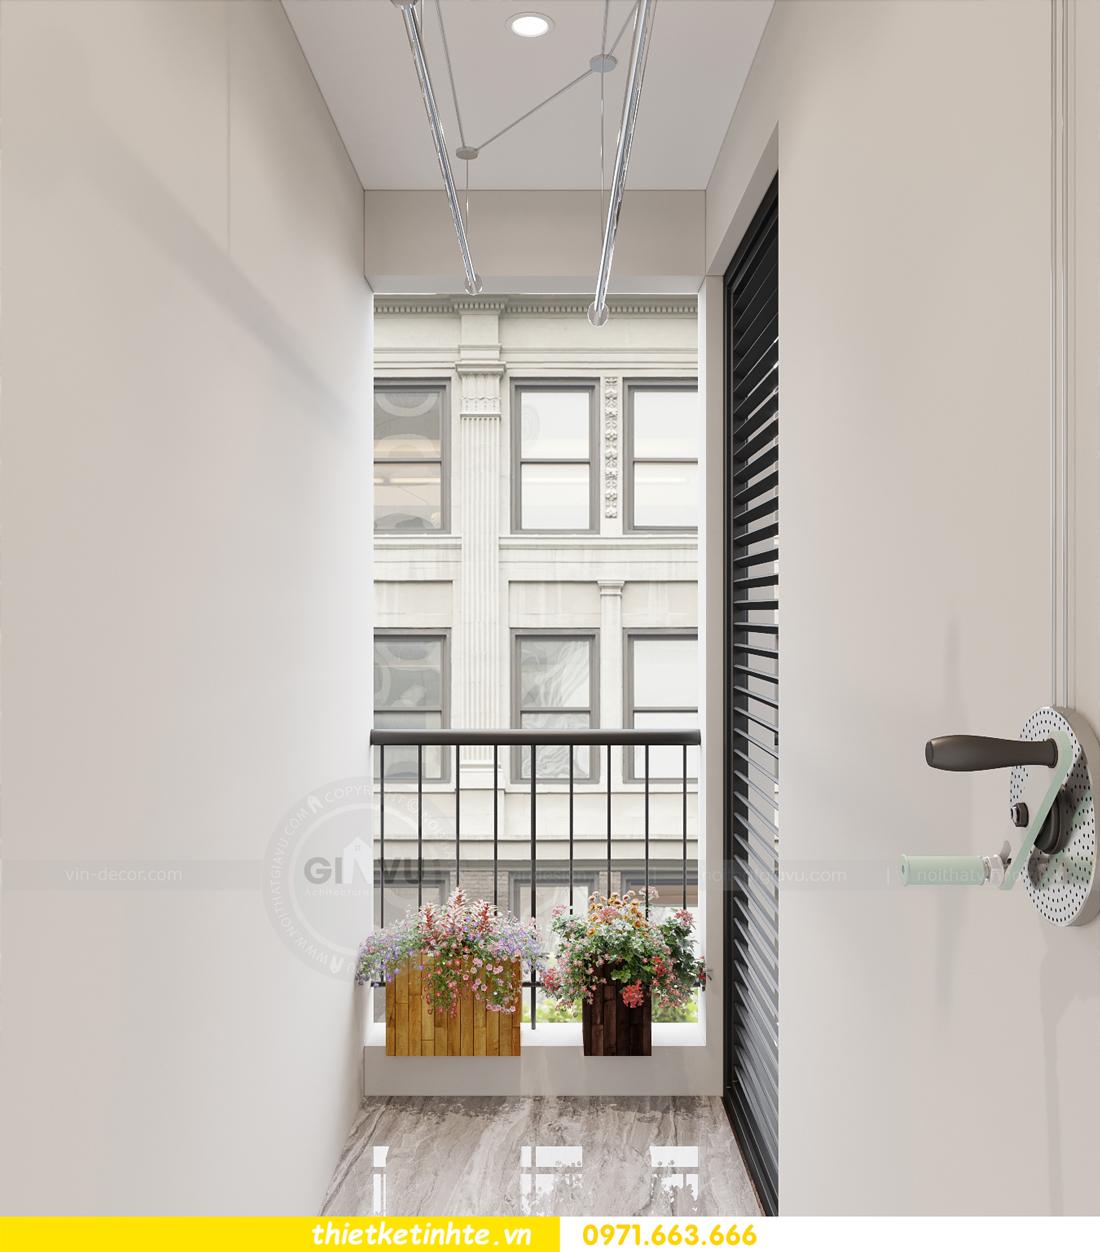 thiết kế nội thất tòa W3 căn hộ 05 Vinhomes West Point nhà chị Hà 11